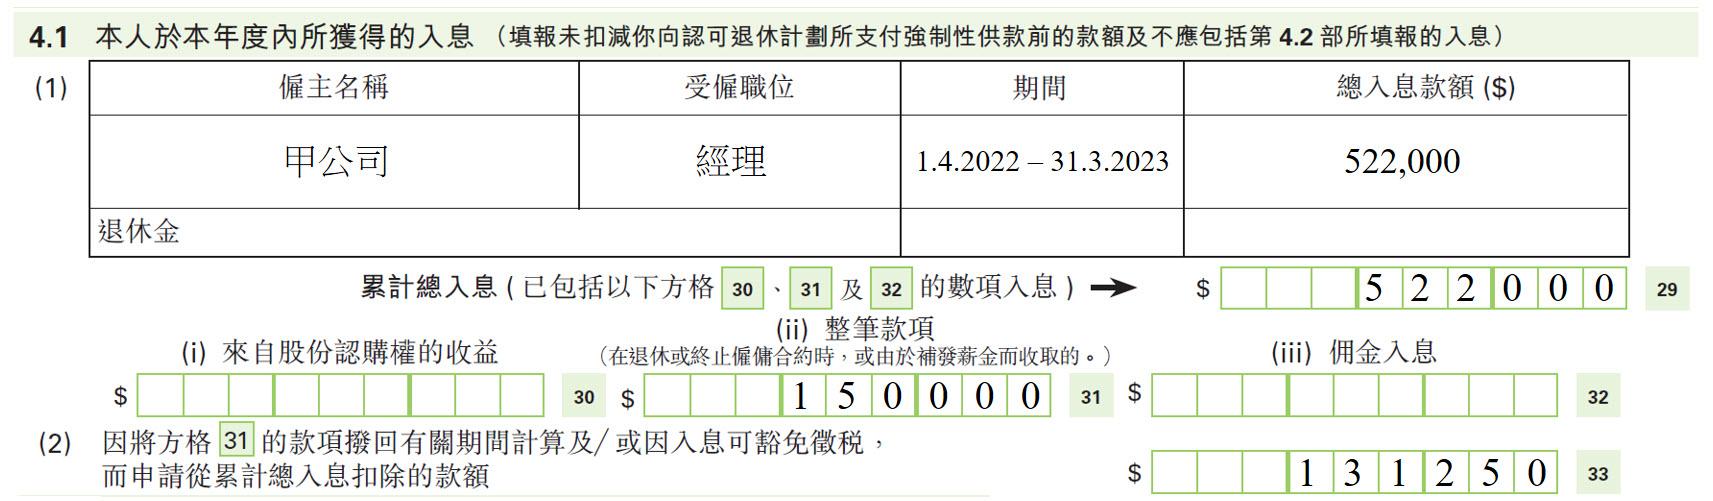 填寫 報稅 表 樣本